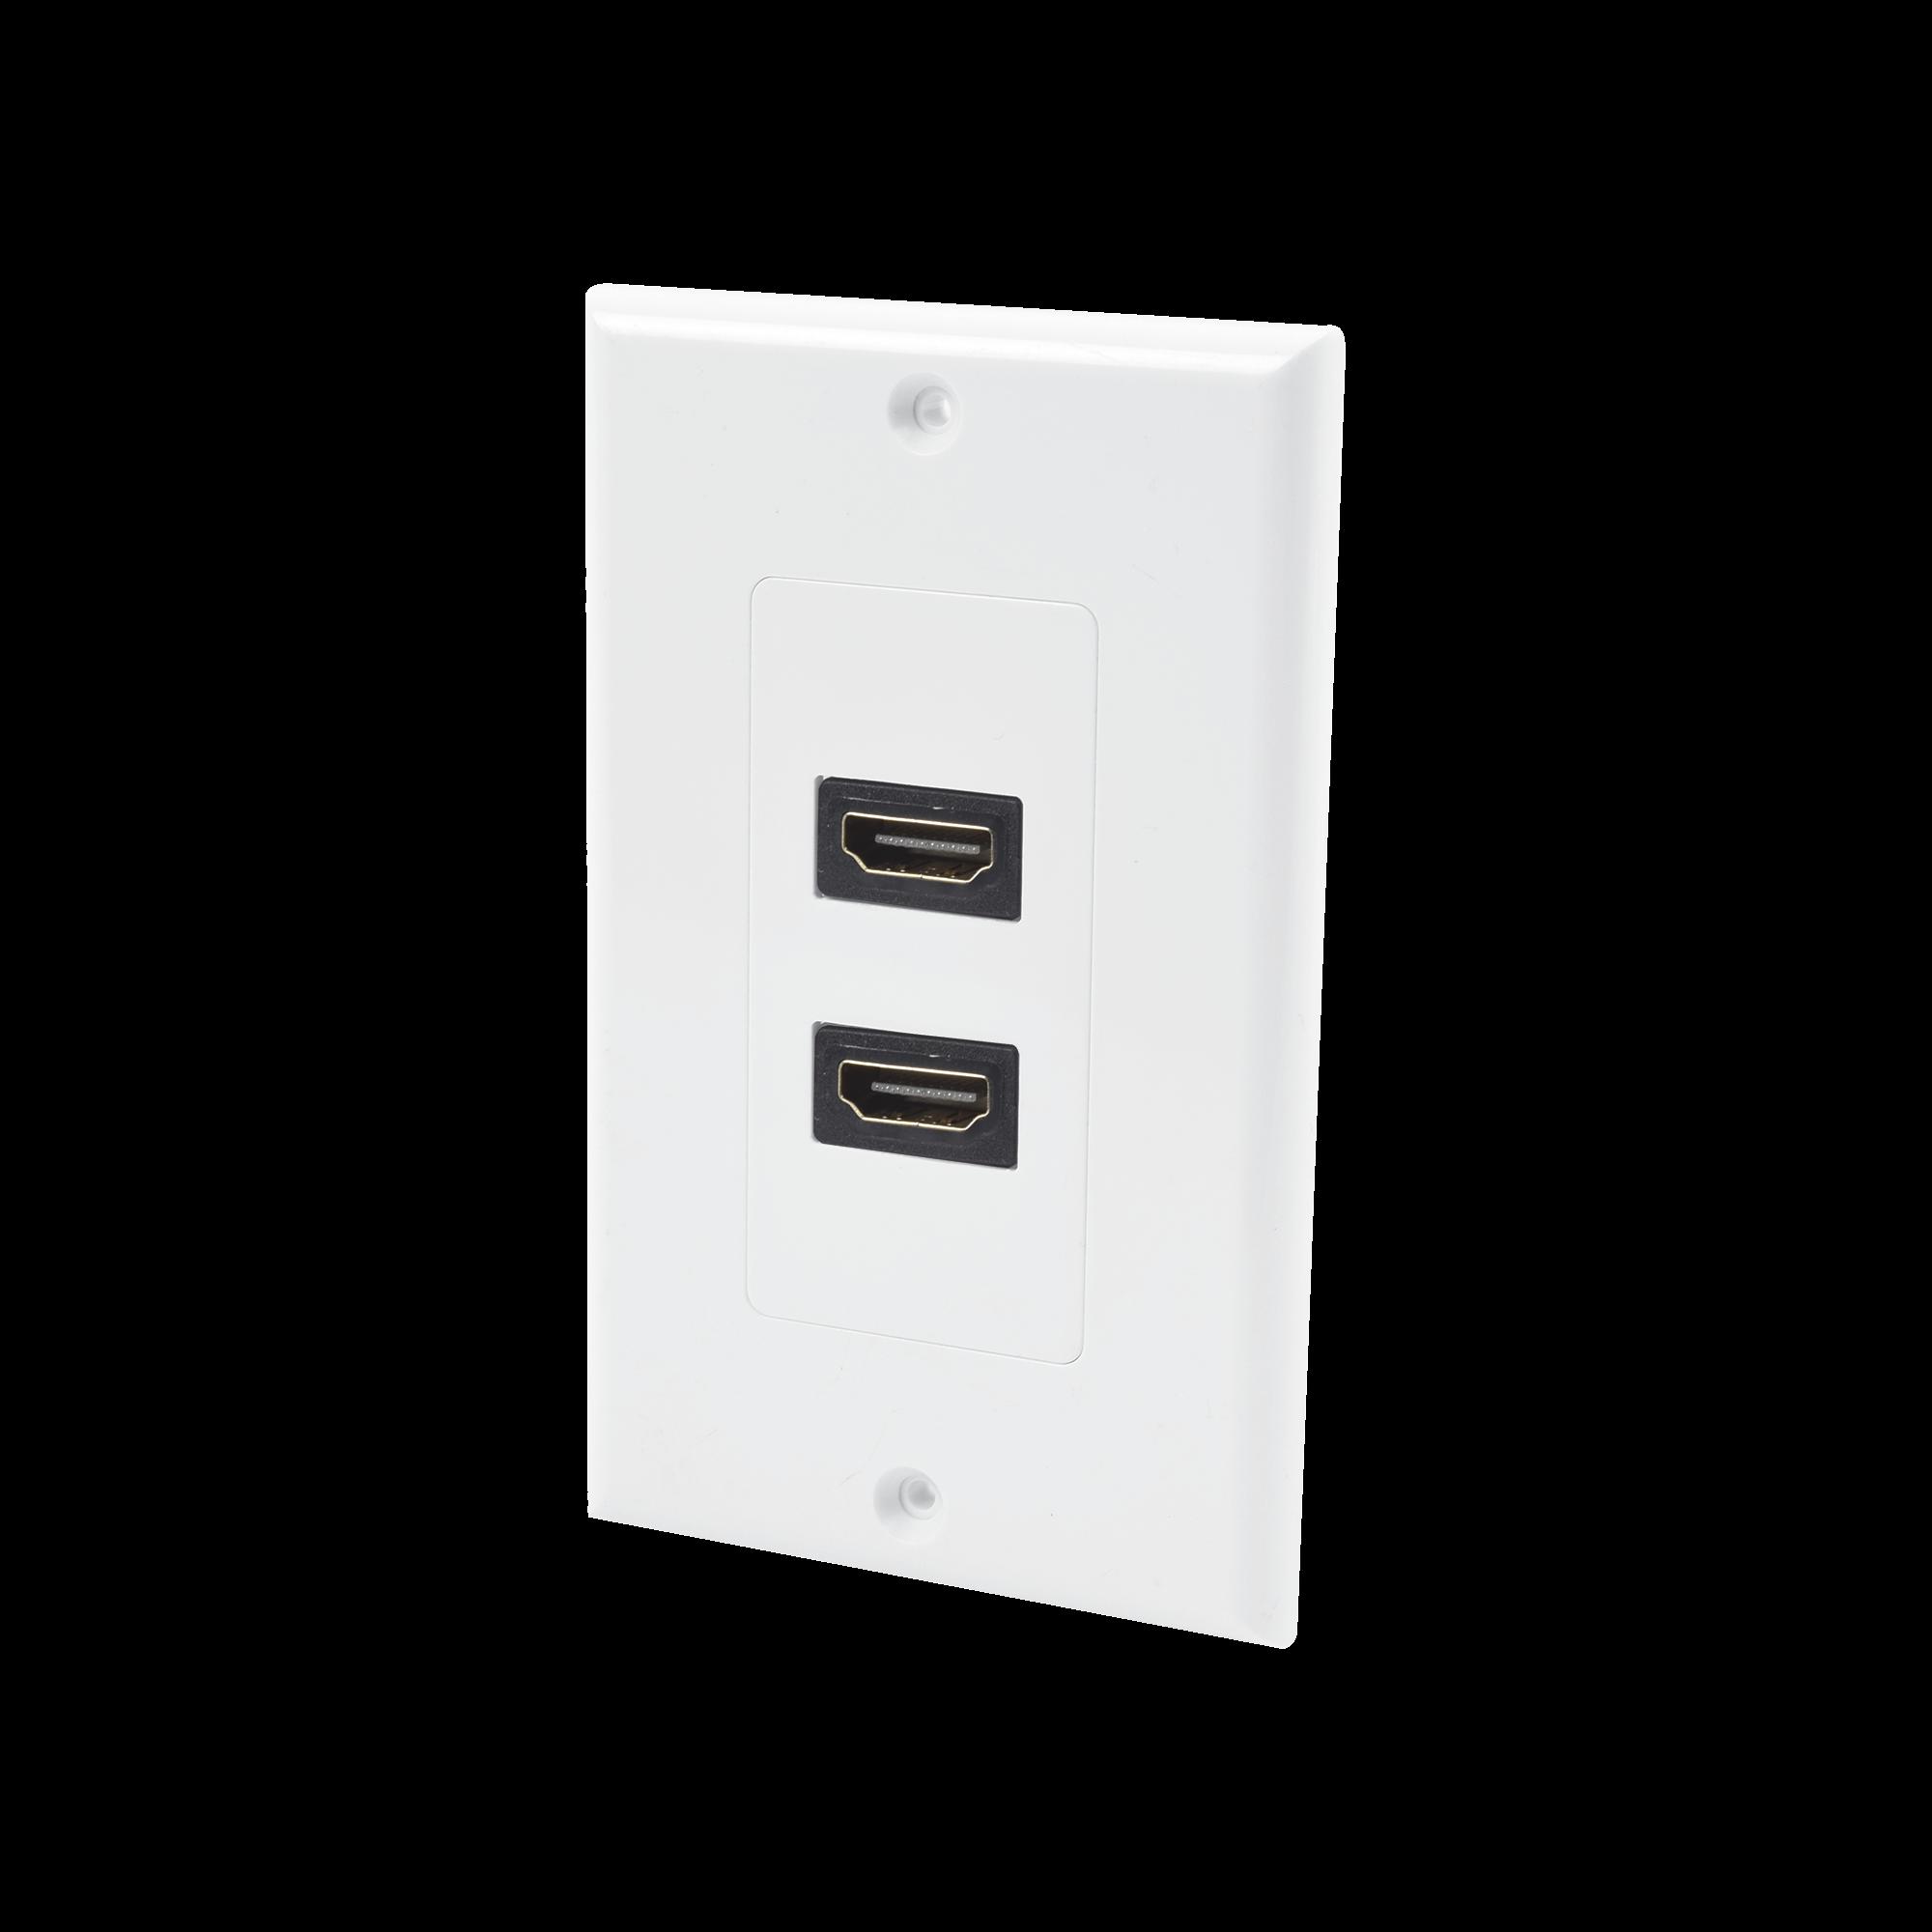 Placa de pared de 2 puertos HDMI hembra a hembra